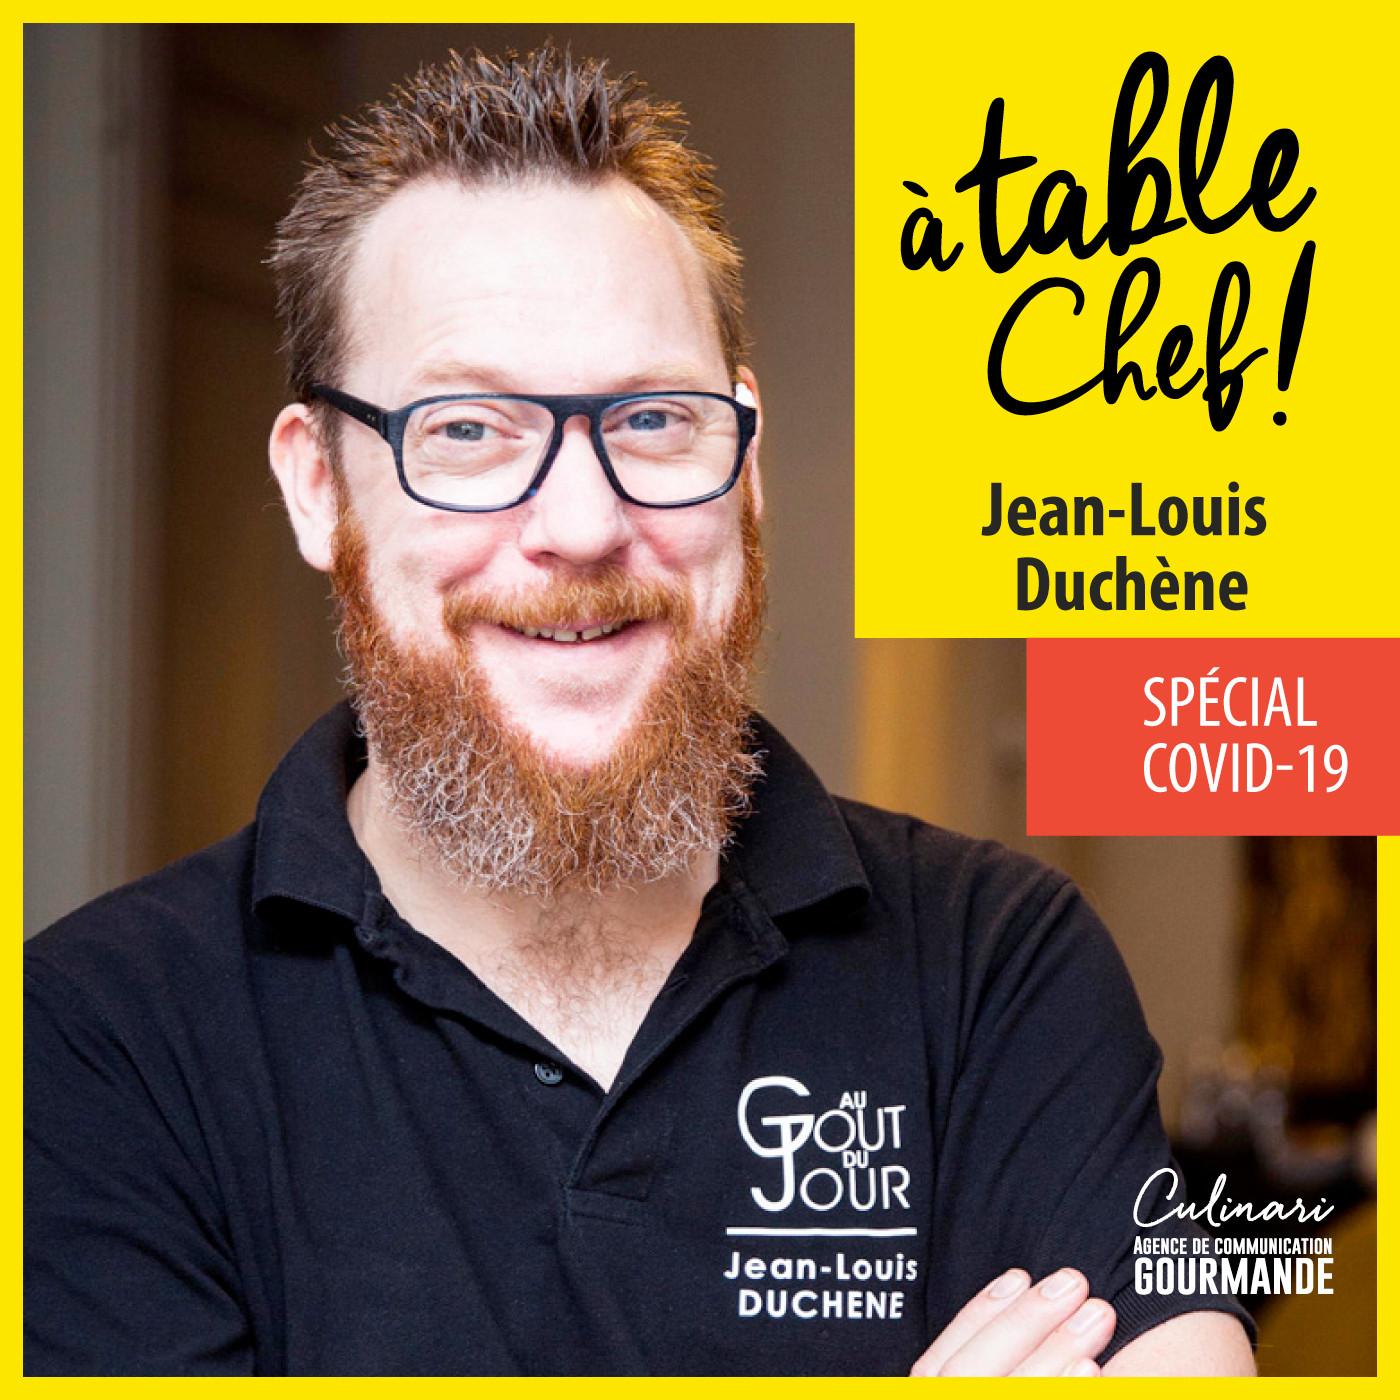 Chef Jean-Louis Duchène